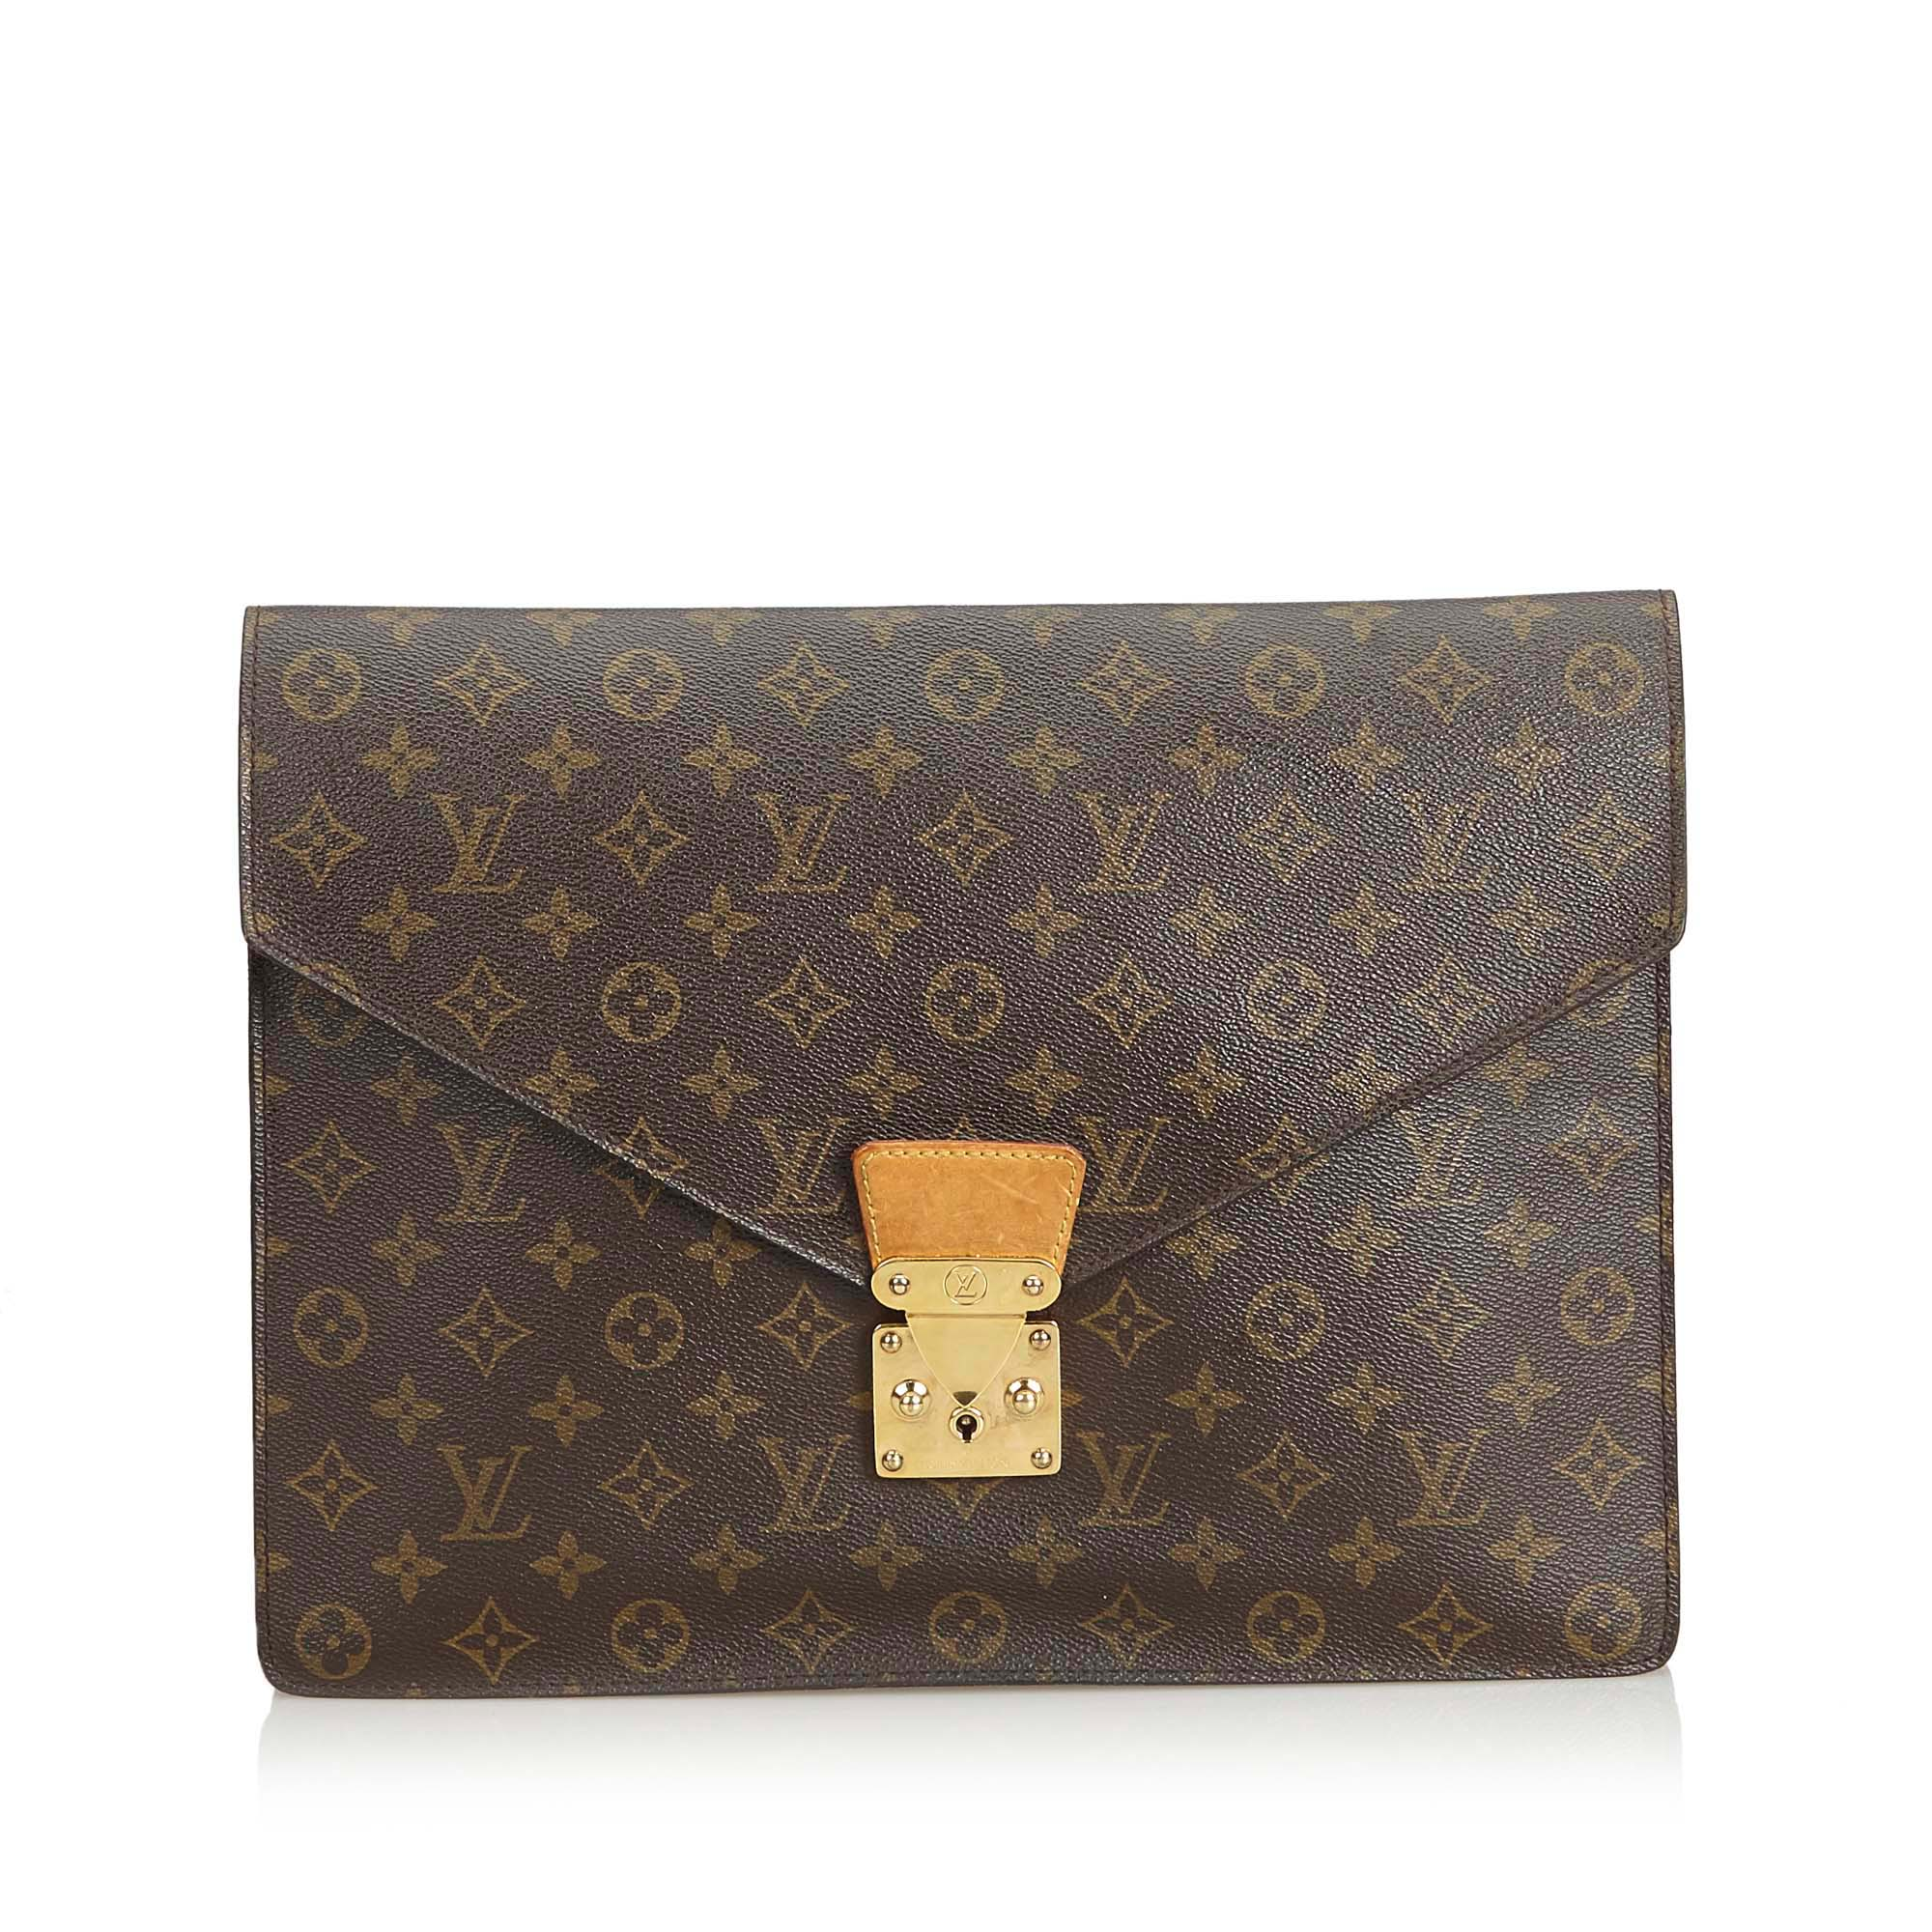 7112a3b5 Louis Vuitton Brown Monogram Porte Documents Senateur